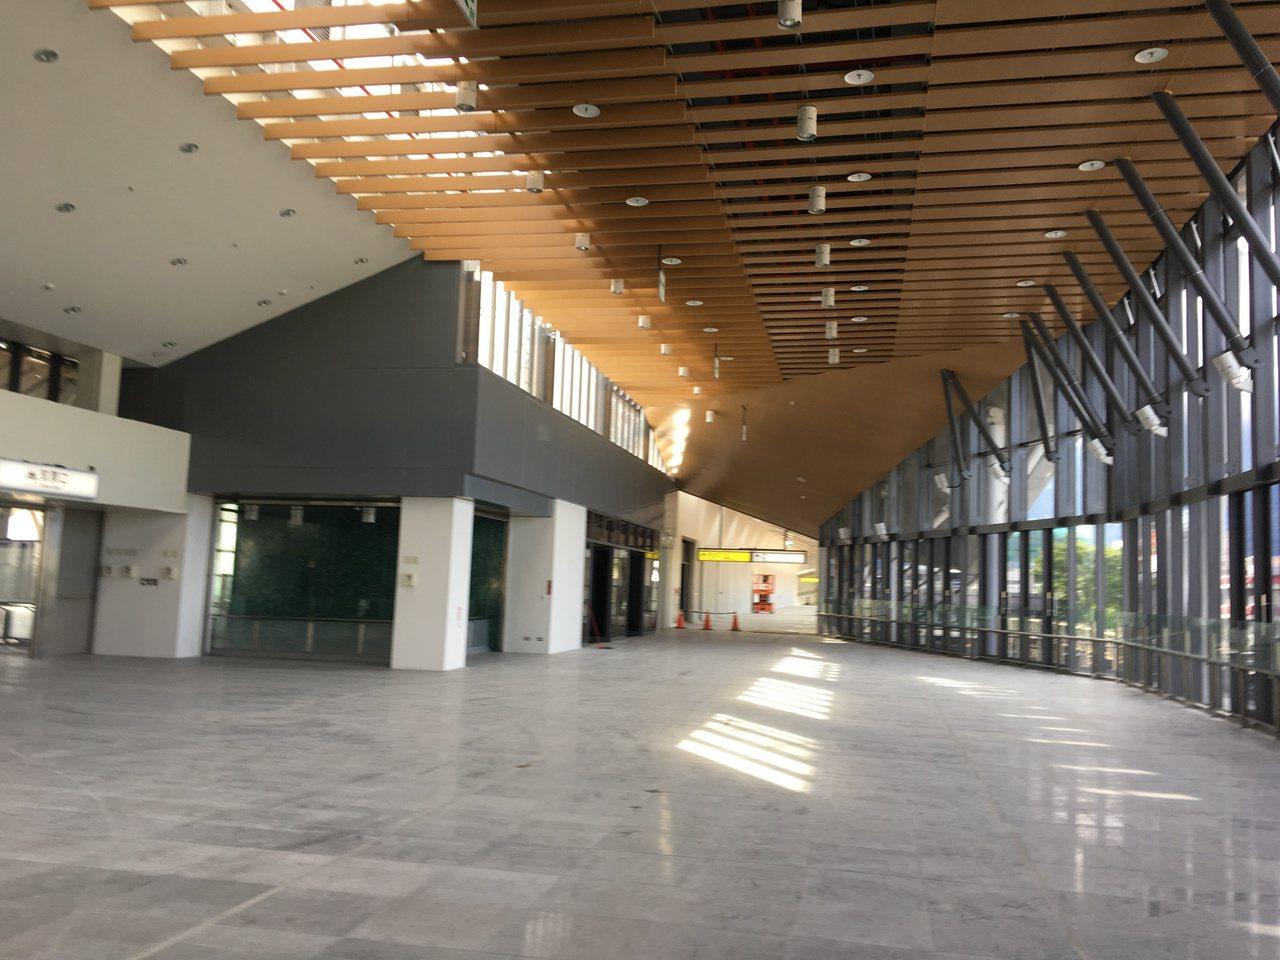 花蓮新車站大廳明亮,配色也十分雅緻。記者徐庭揚/攝影